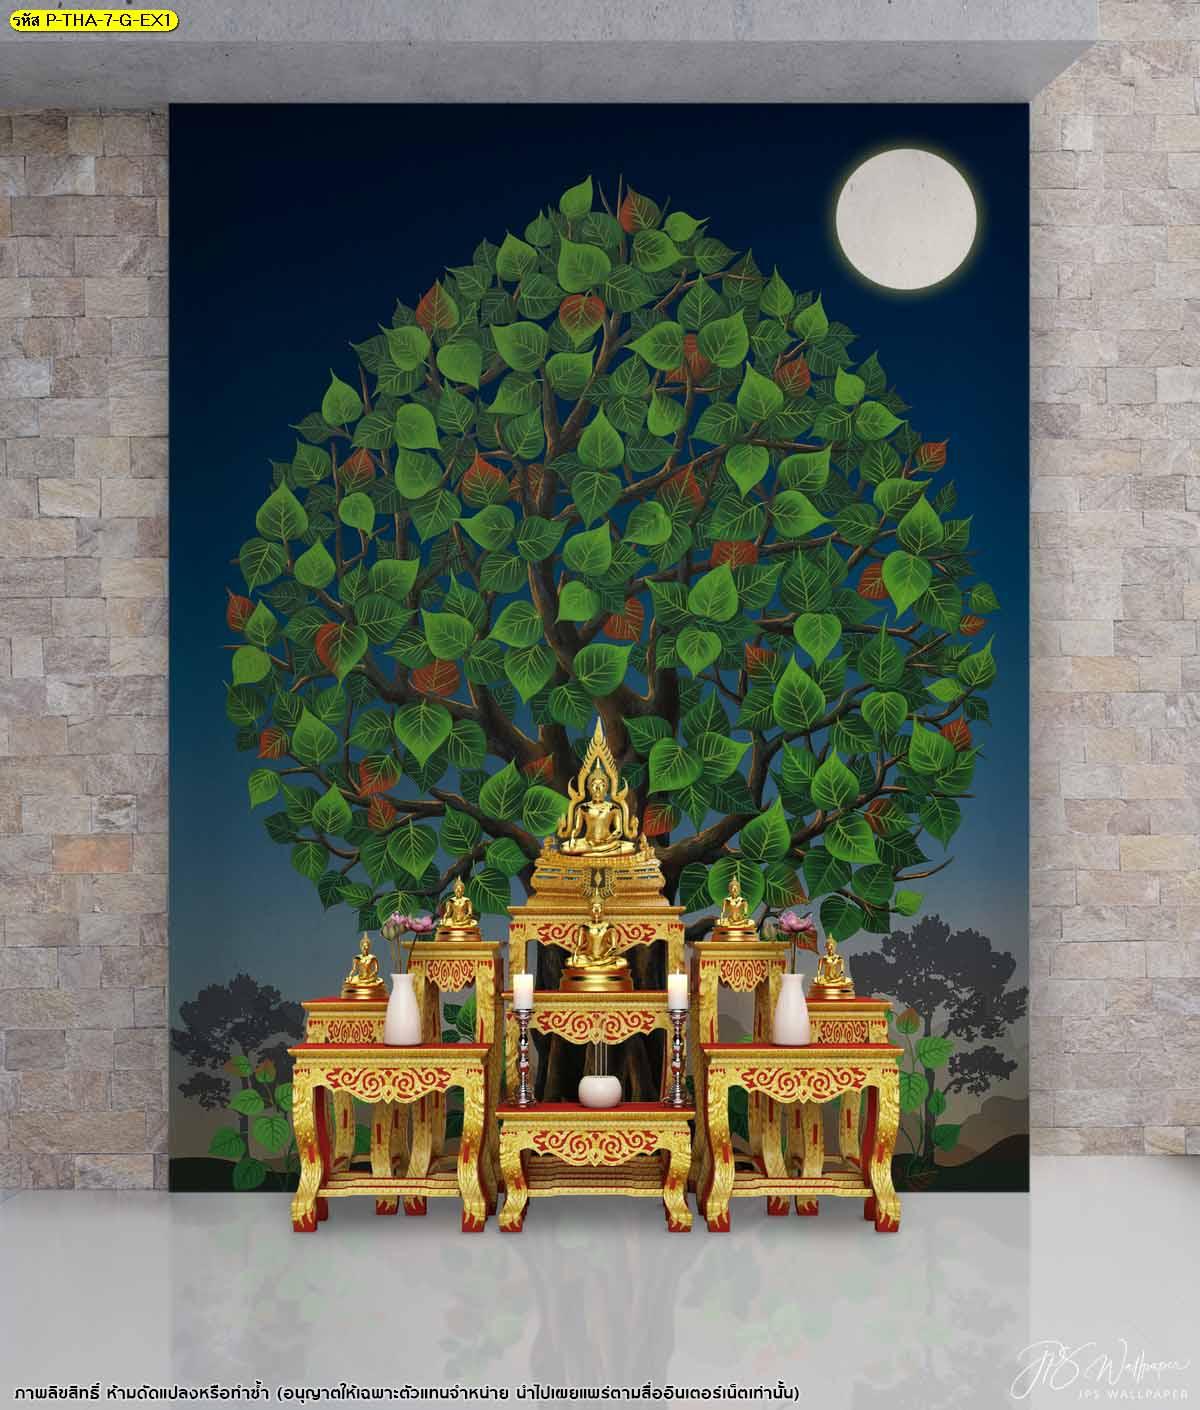 ไอเดียห้องพระสีน้ำเงิน ต้นโพธิ์ห้องพระ ภาพสั่งพิมพ์ลายไทย